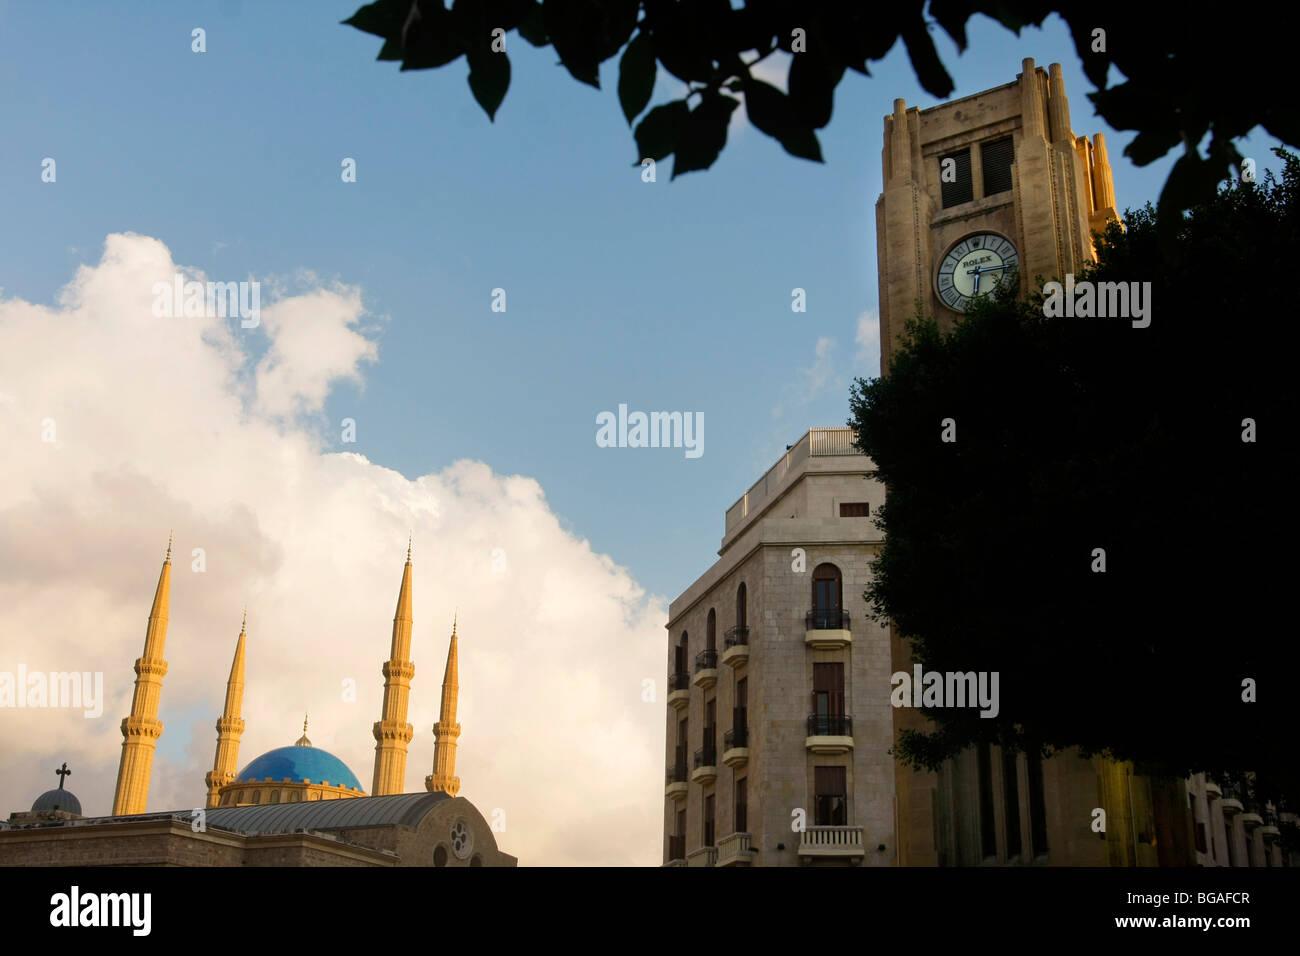 Le Solidére Tour de l'horloge du centre-ville de Beyrouth au Liban avec une mosquée vu dans l'arrière Photo Stock